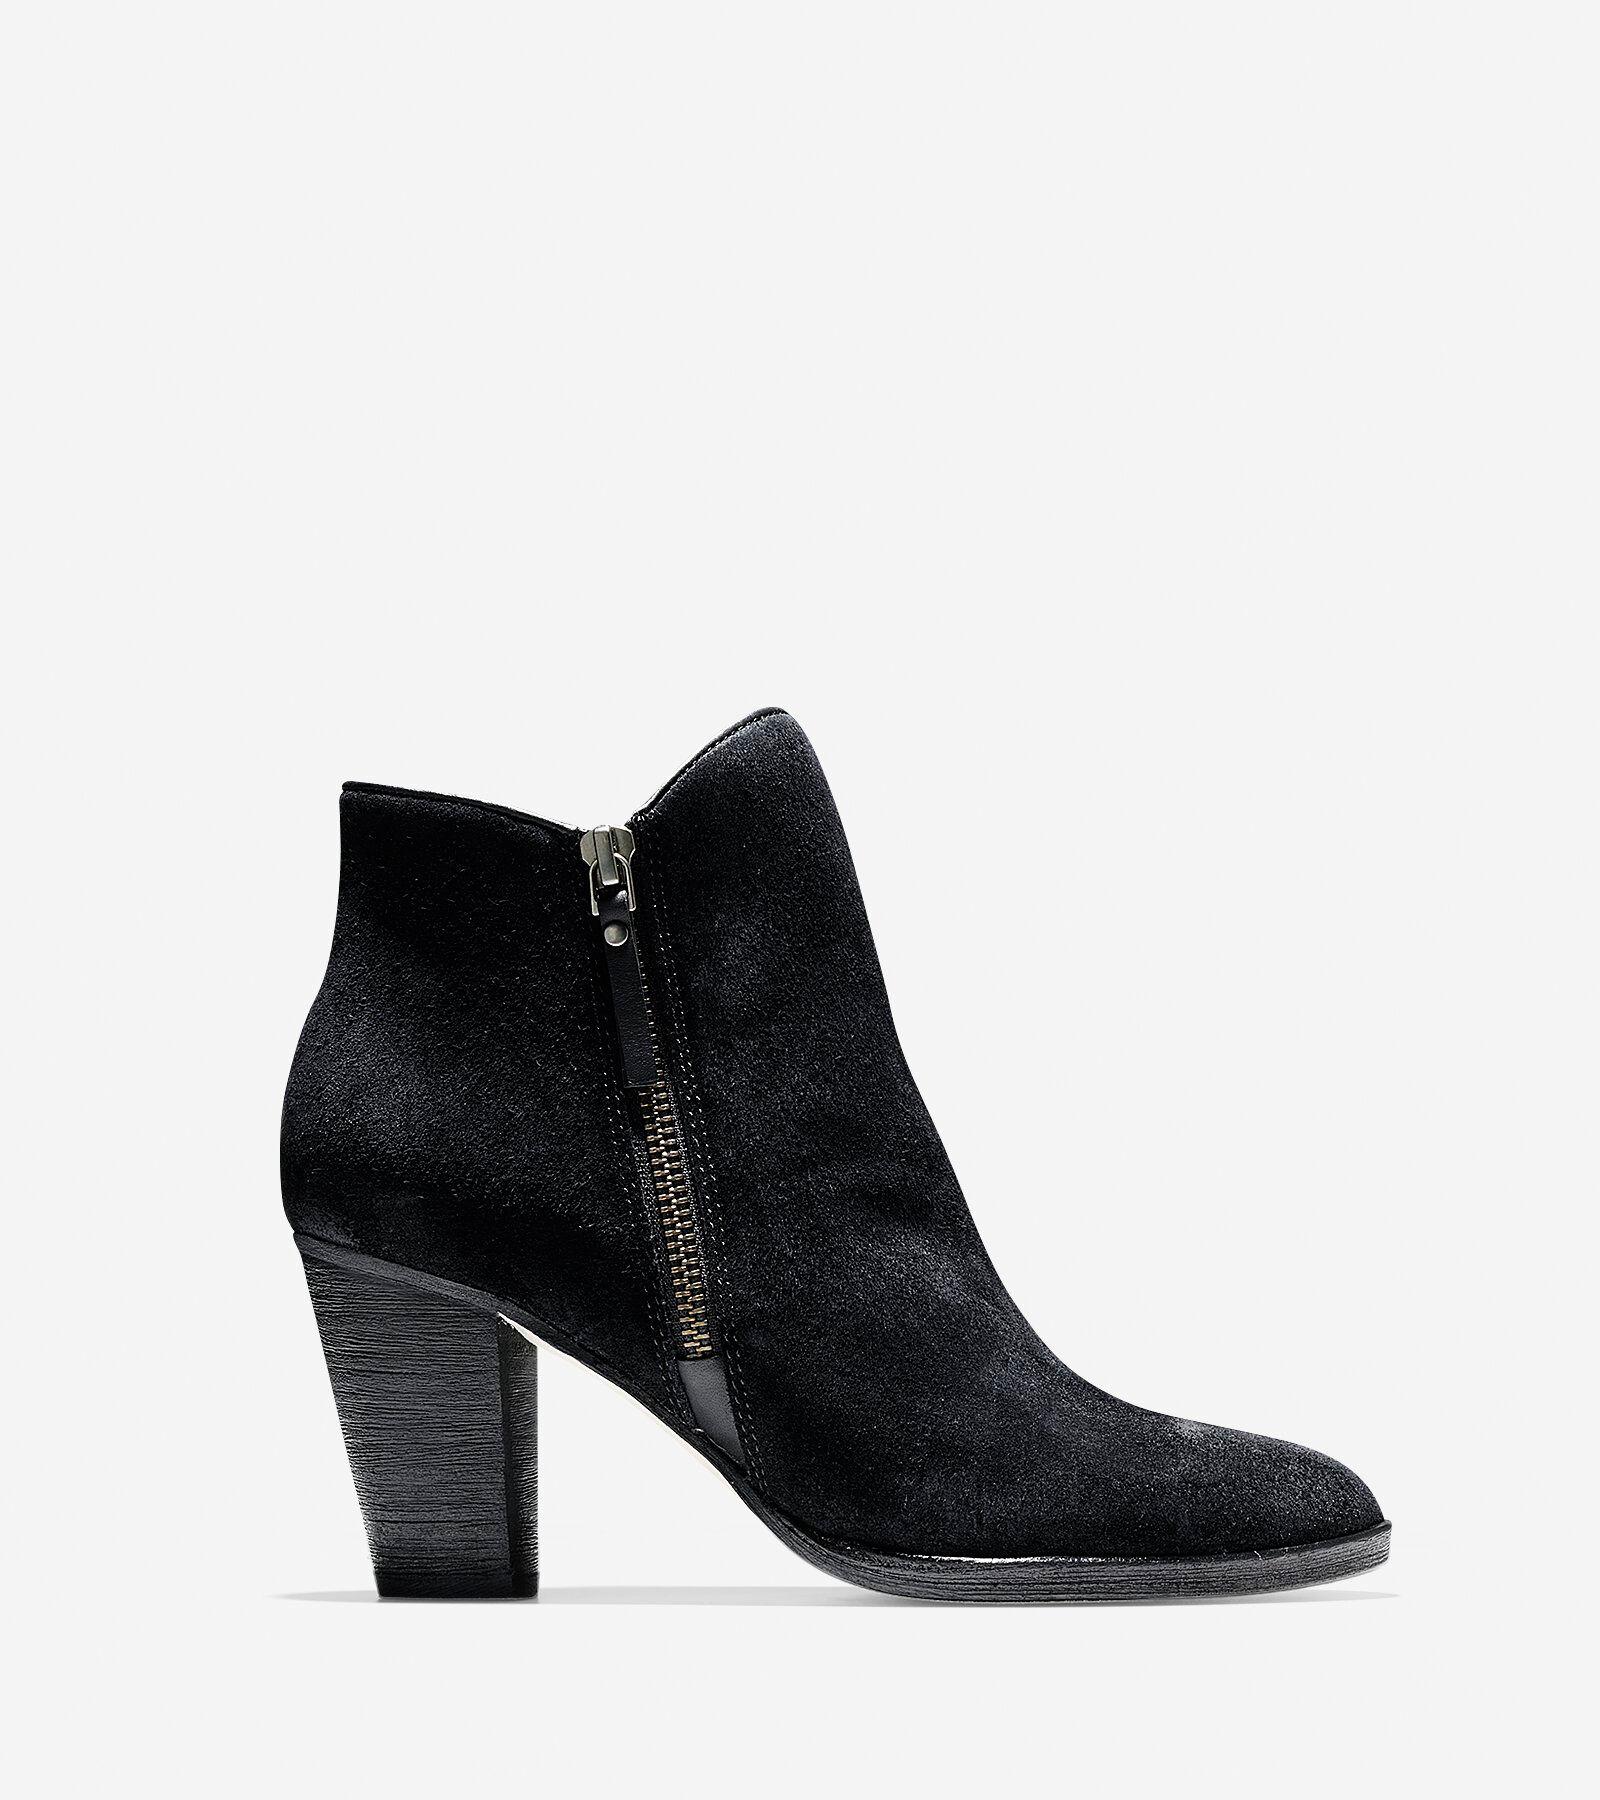 Ladies Kitten Heel Boots